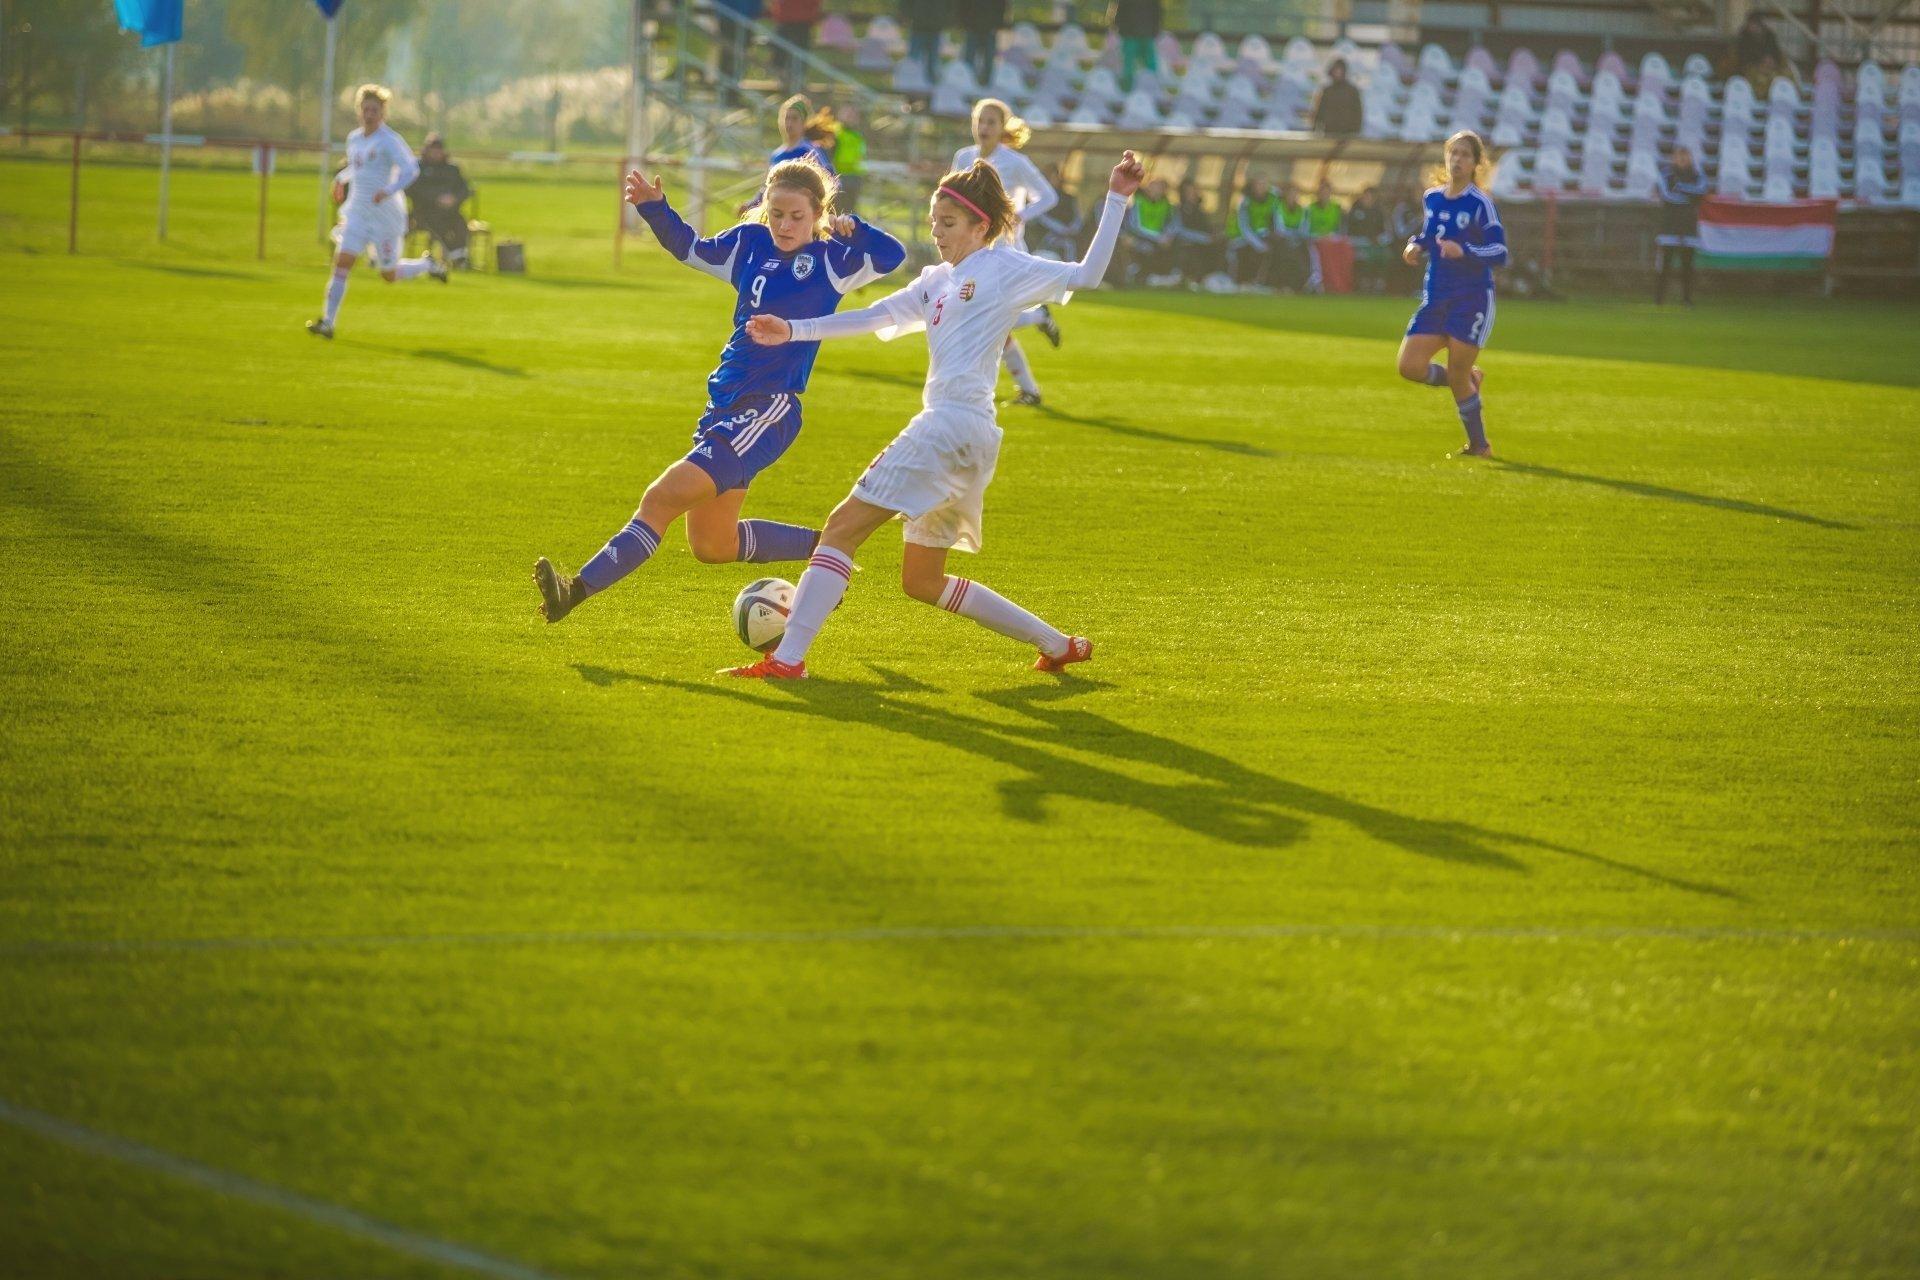 Sportcentrum - Sportcsarnok és Futballpályák, edzőtábor